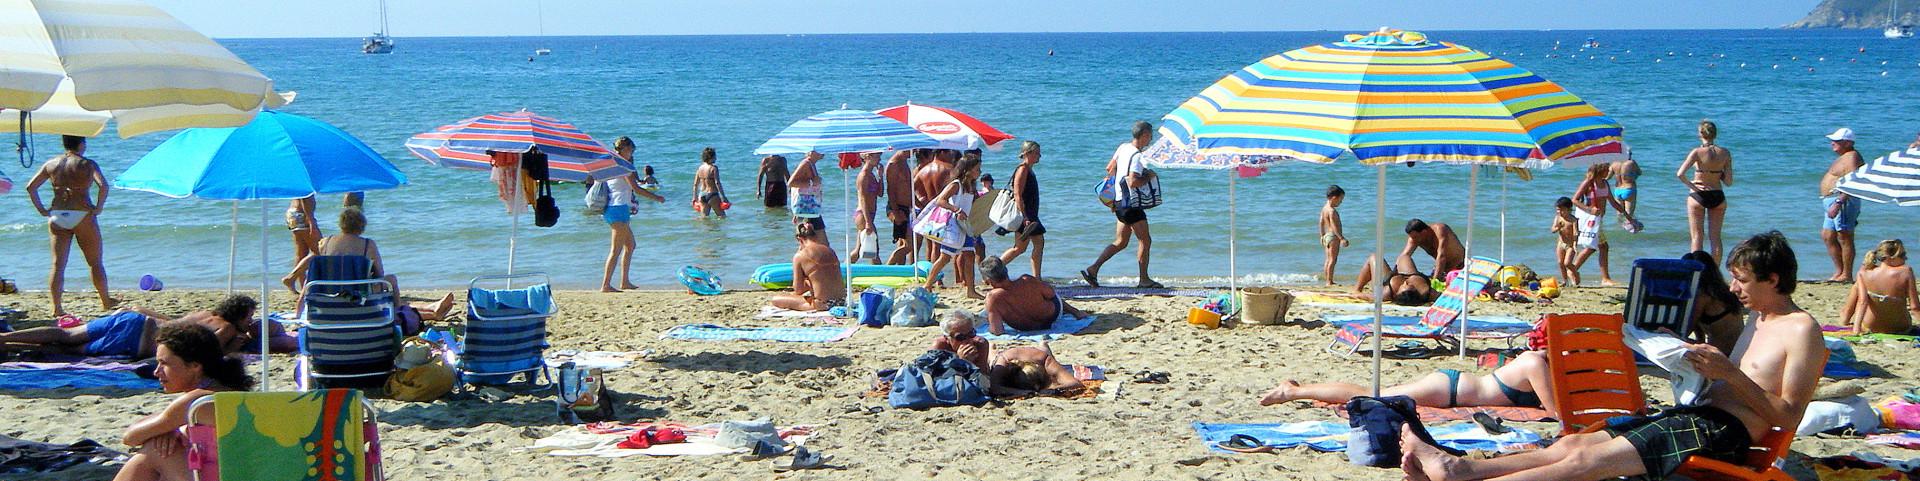 Lacona, písčitá pláž